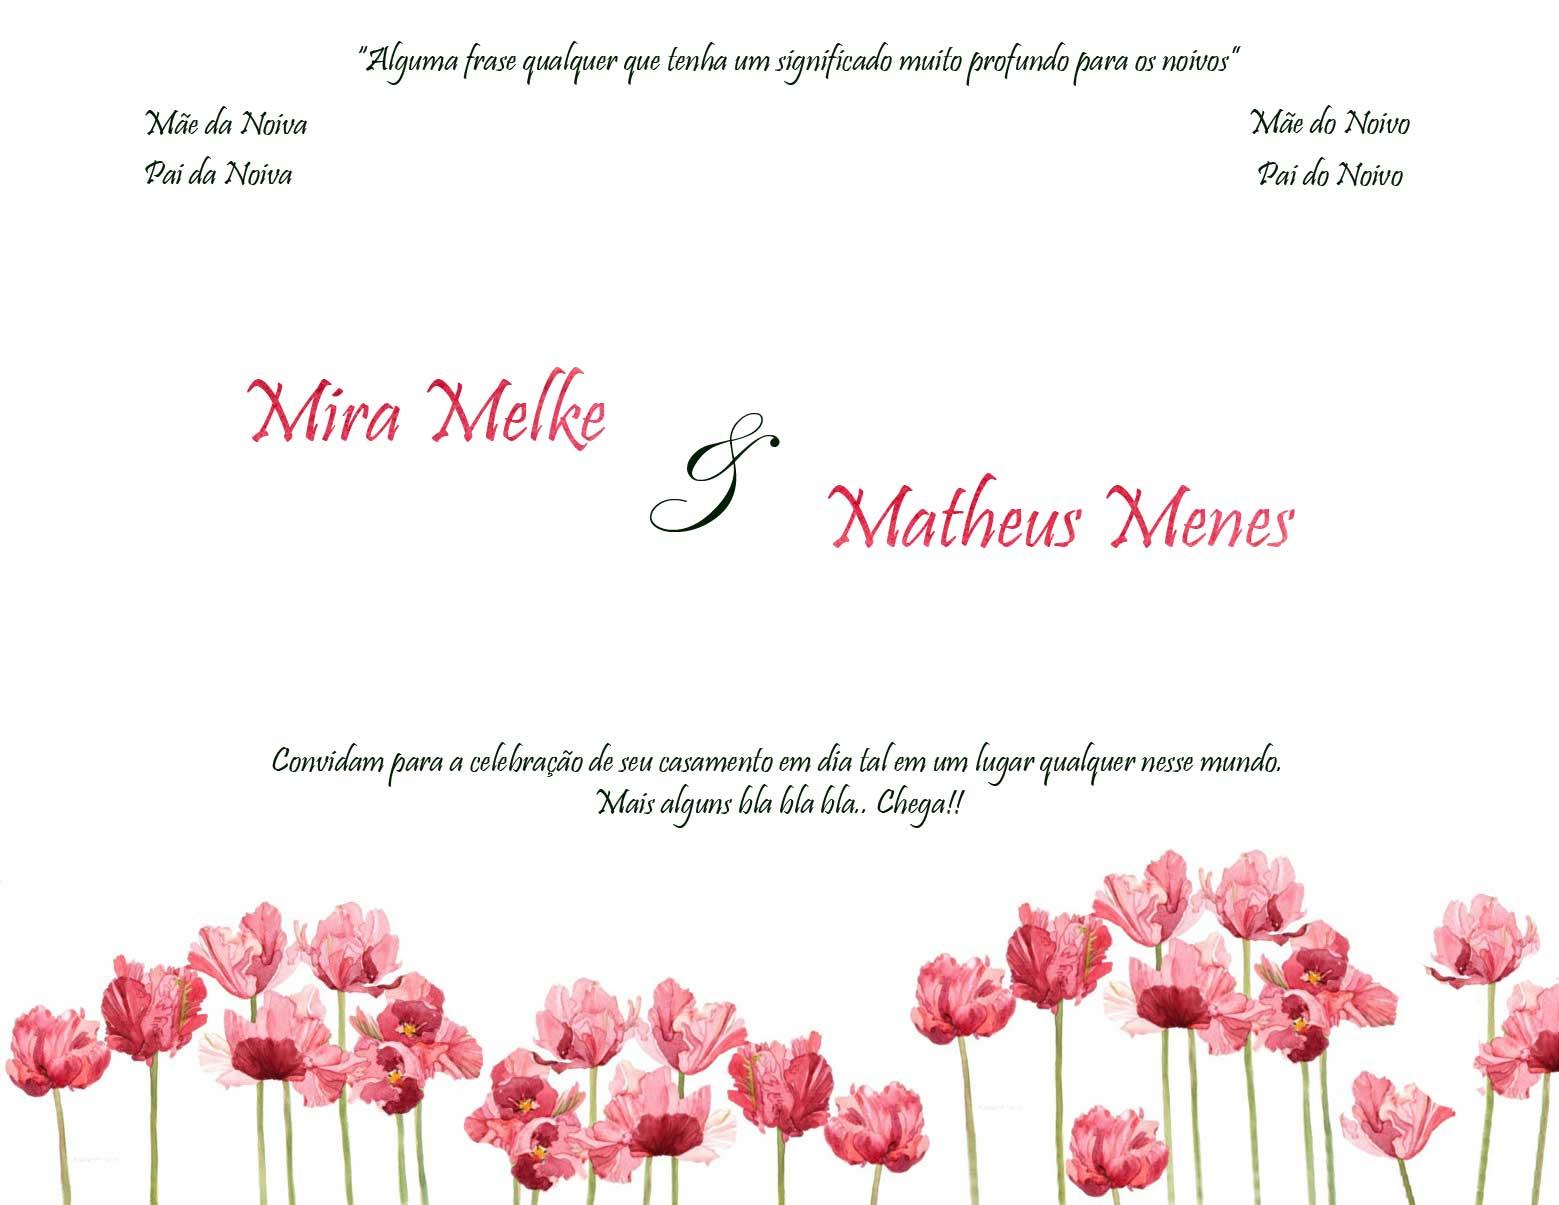 Fundo para convite de casamento - preencher e imprimir - Convite de Casamento em aquarela